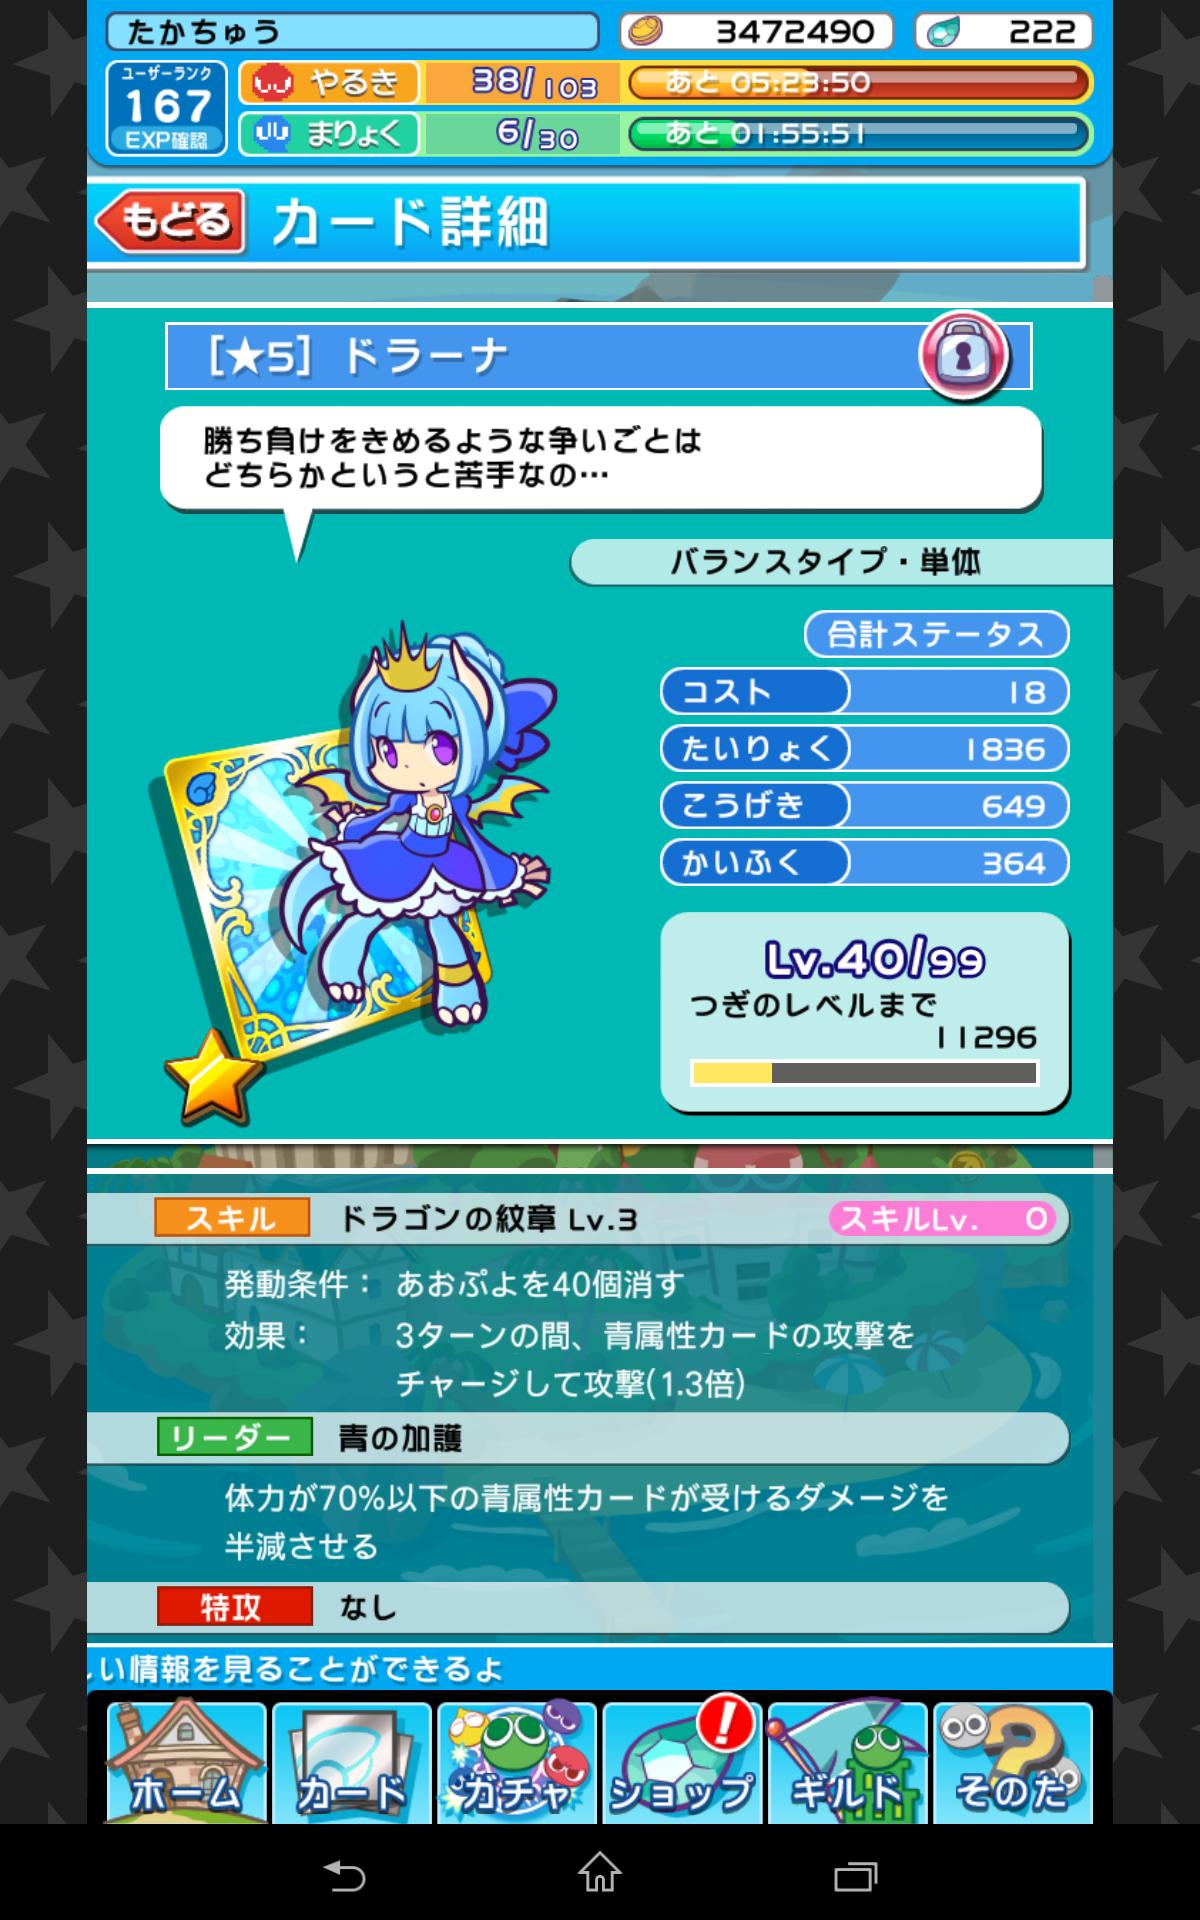 (150712) ぷよクエ-☆5ドラーナ